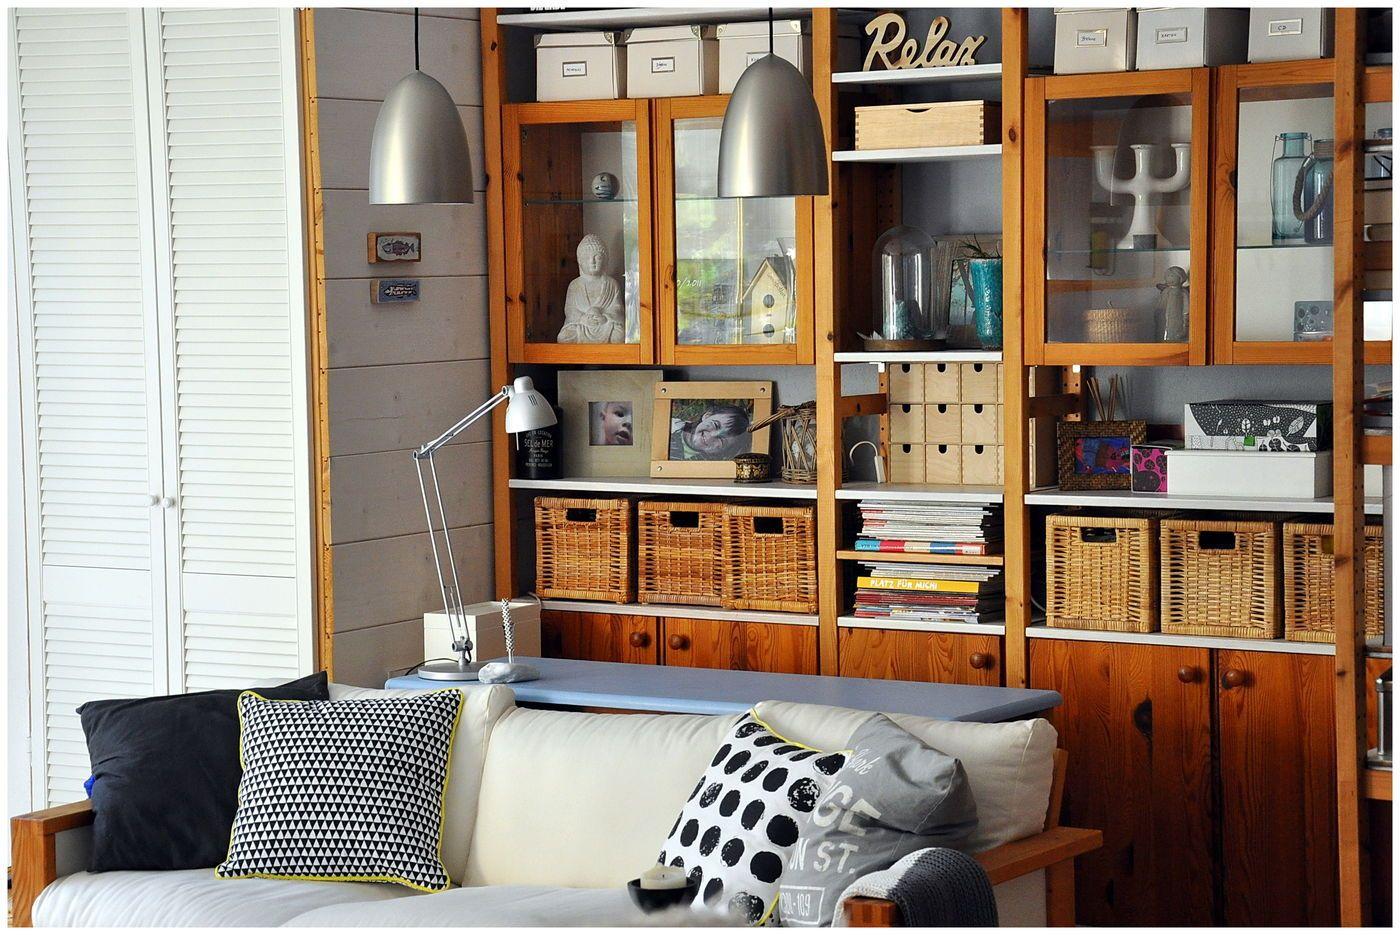 Bastelecke und Bastelzimmer einrichten - Die besten Ideen